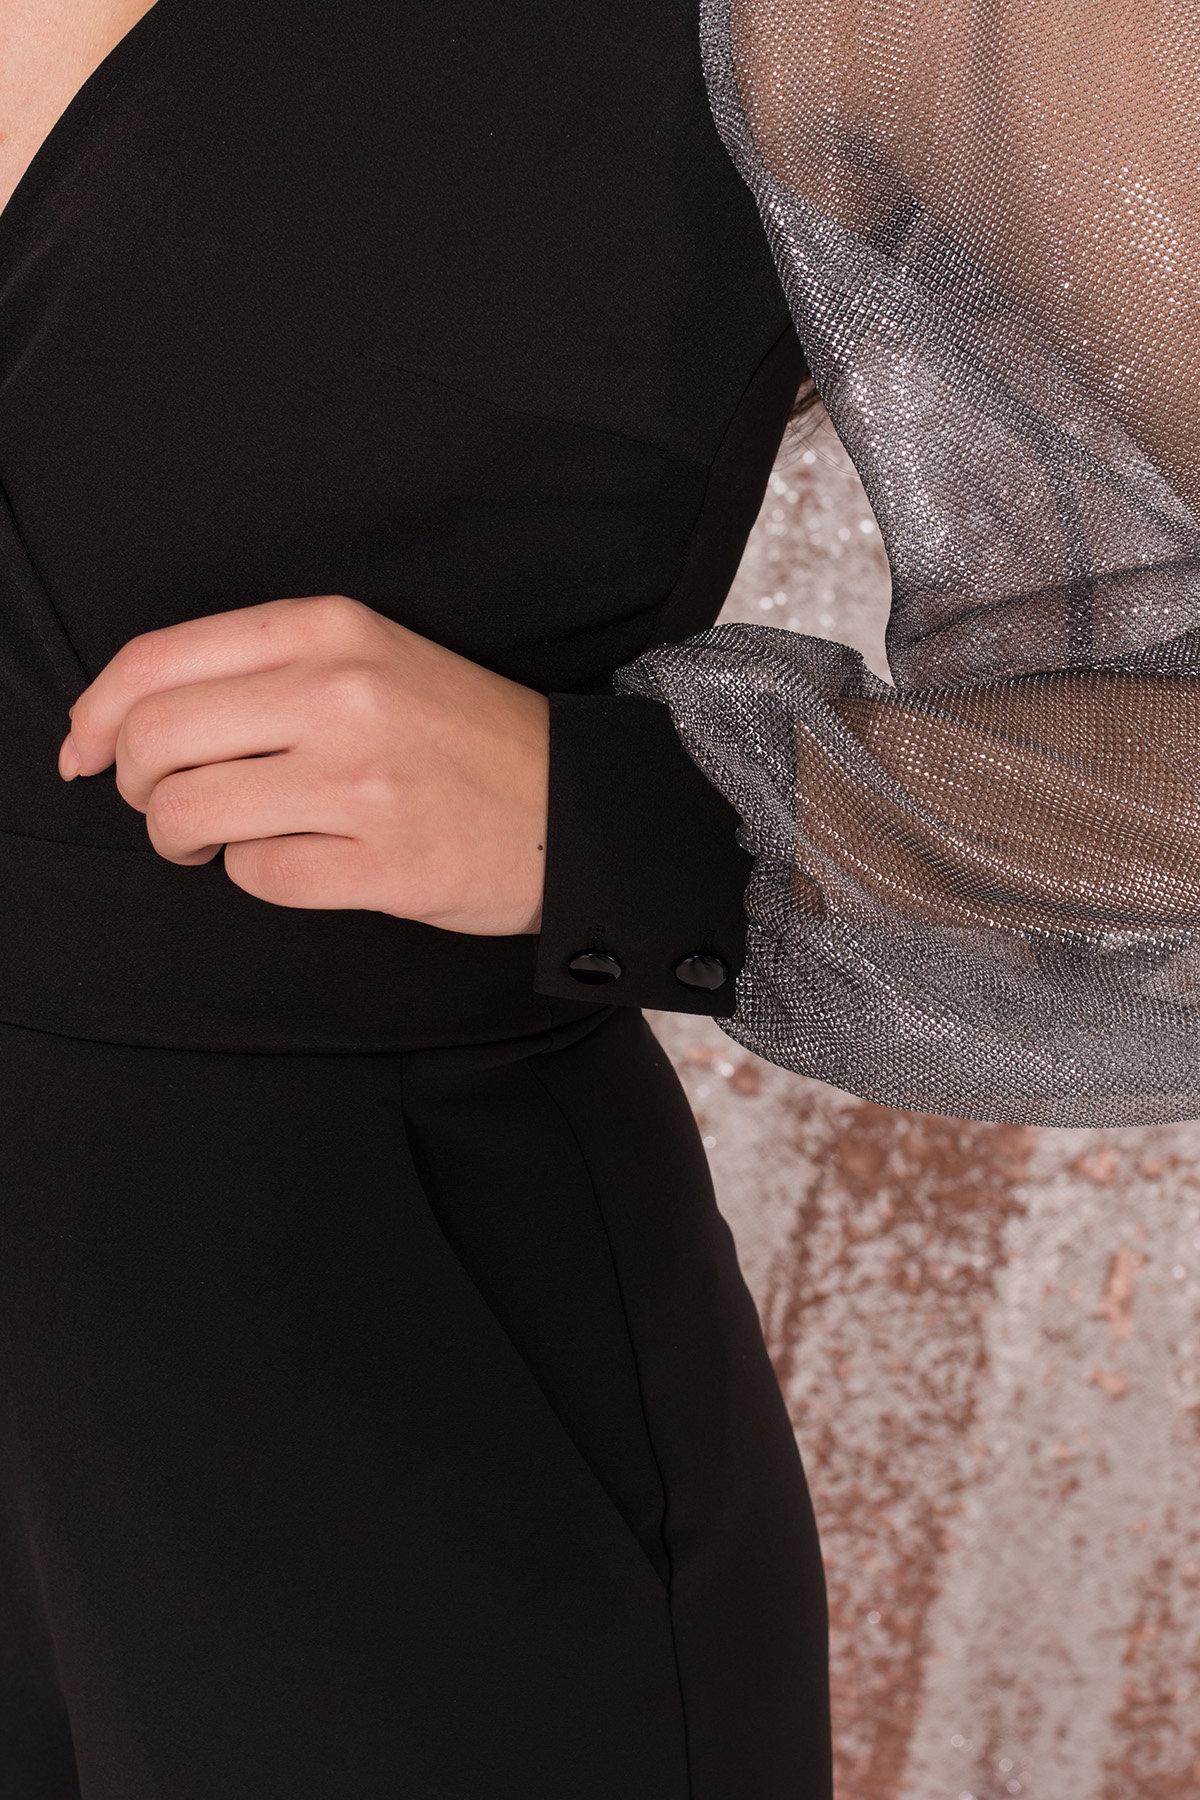 Комбинезон с шортами черного цвета Набель 8566 АРТ. 44881 Цвет: Черный - фото 8, интернет магазин tm-modus.ru